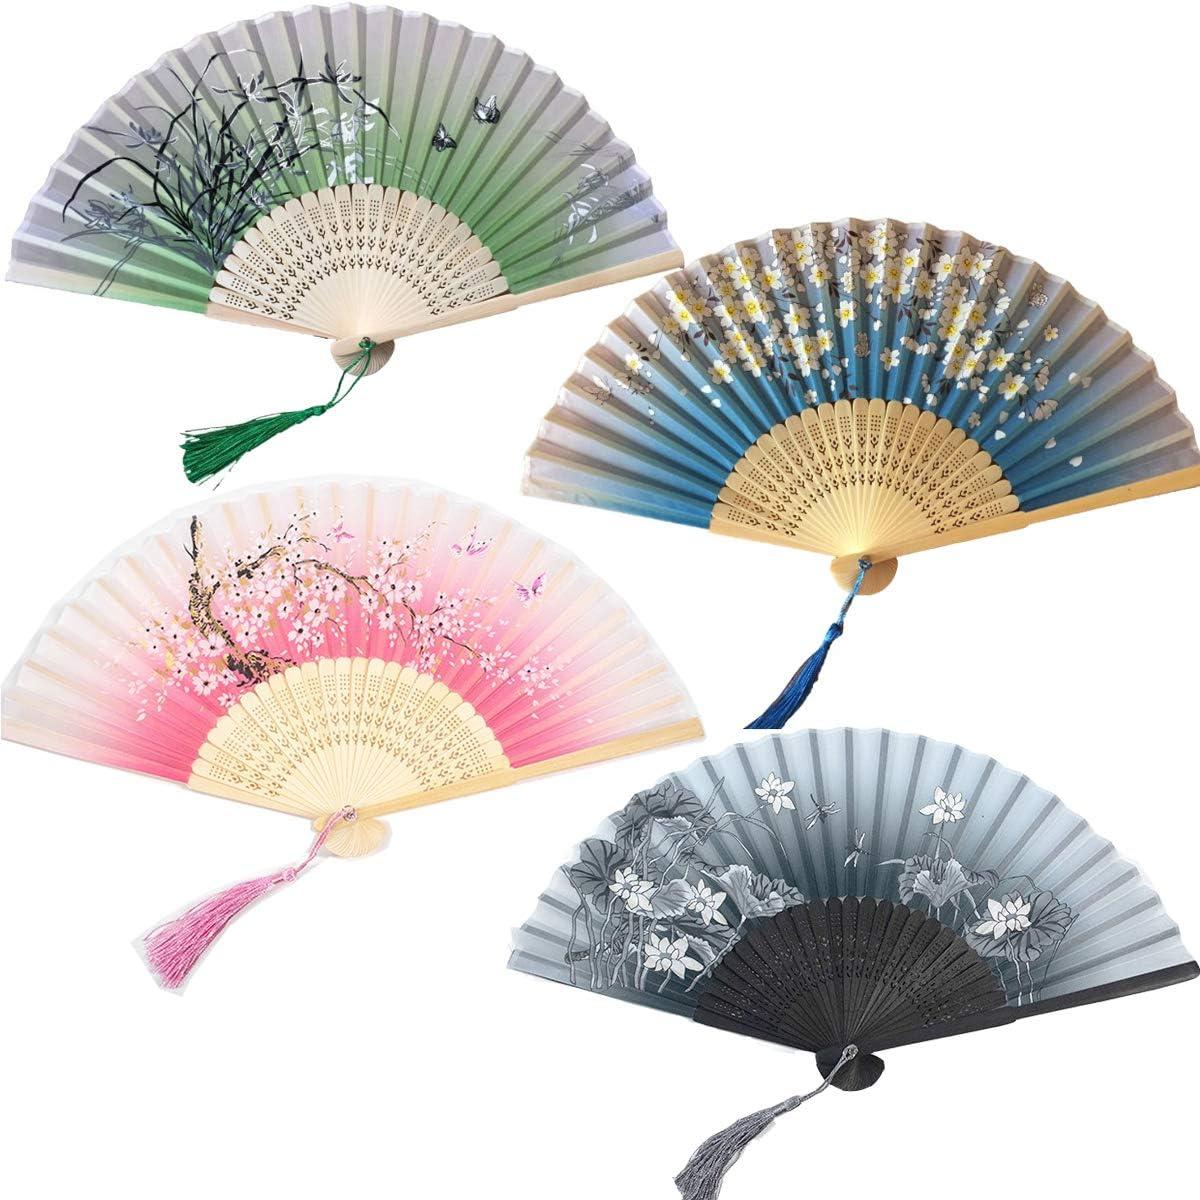 Tangger 4 Piezas Abanicos Plegables Abanico de Estilo Japonés de Papel y Bambú Paper Fan para Decoración Fiesta Baile Boda Casa Oficina DIY Regalo: Amazon.es: Hogar